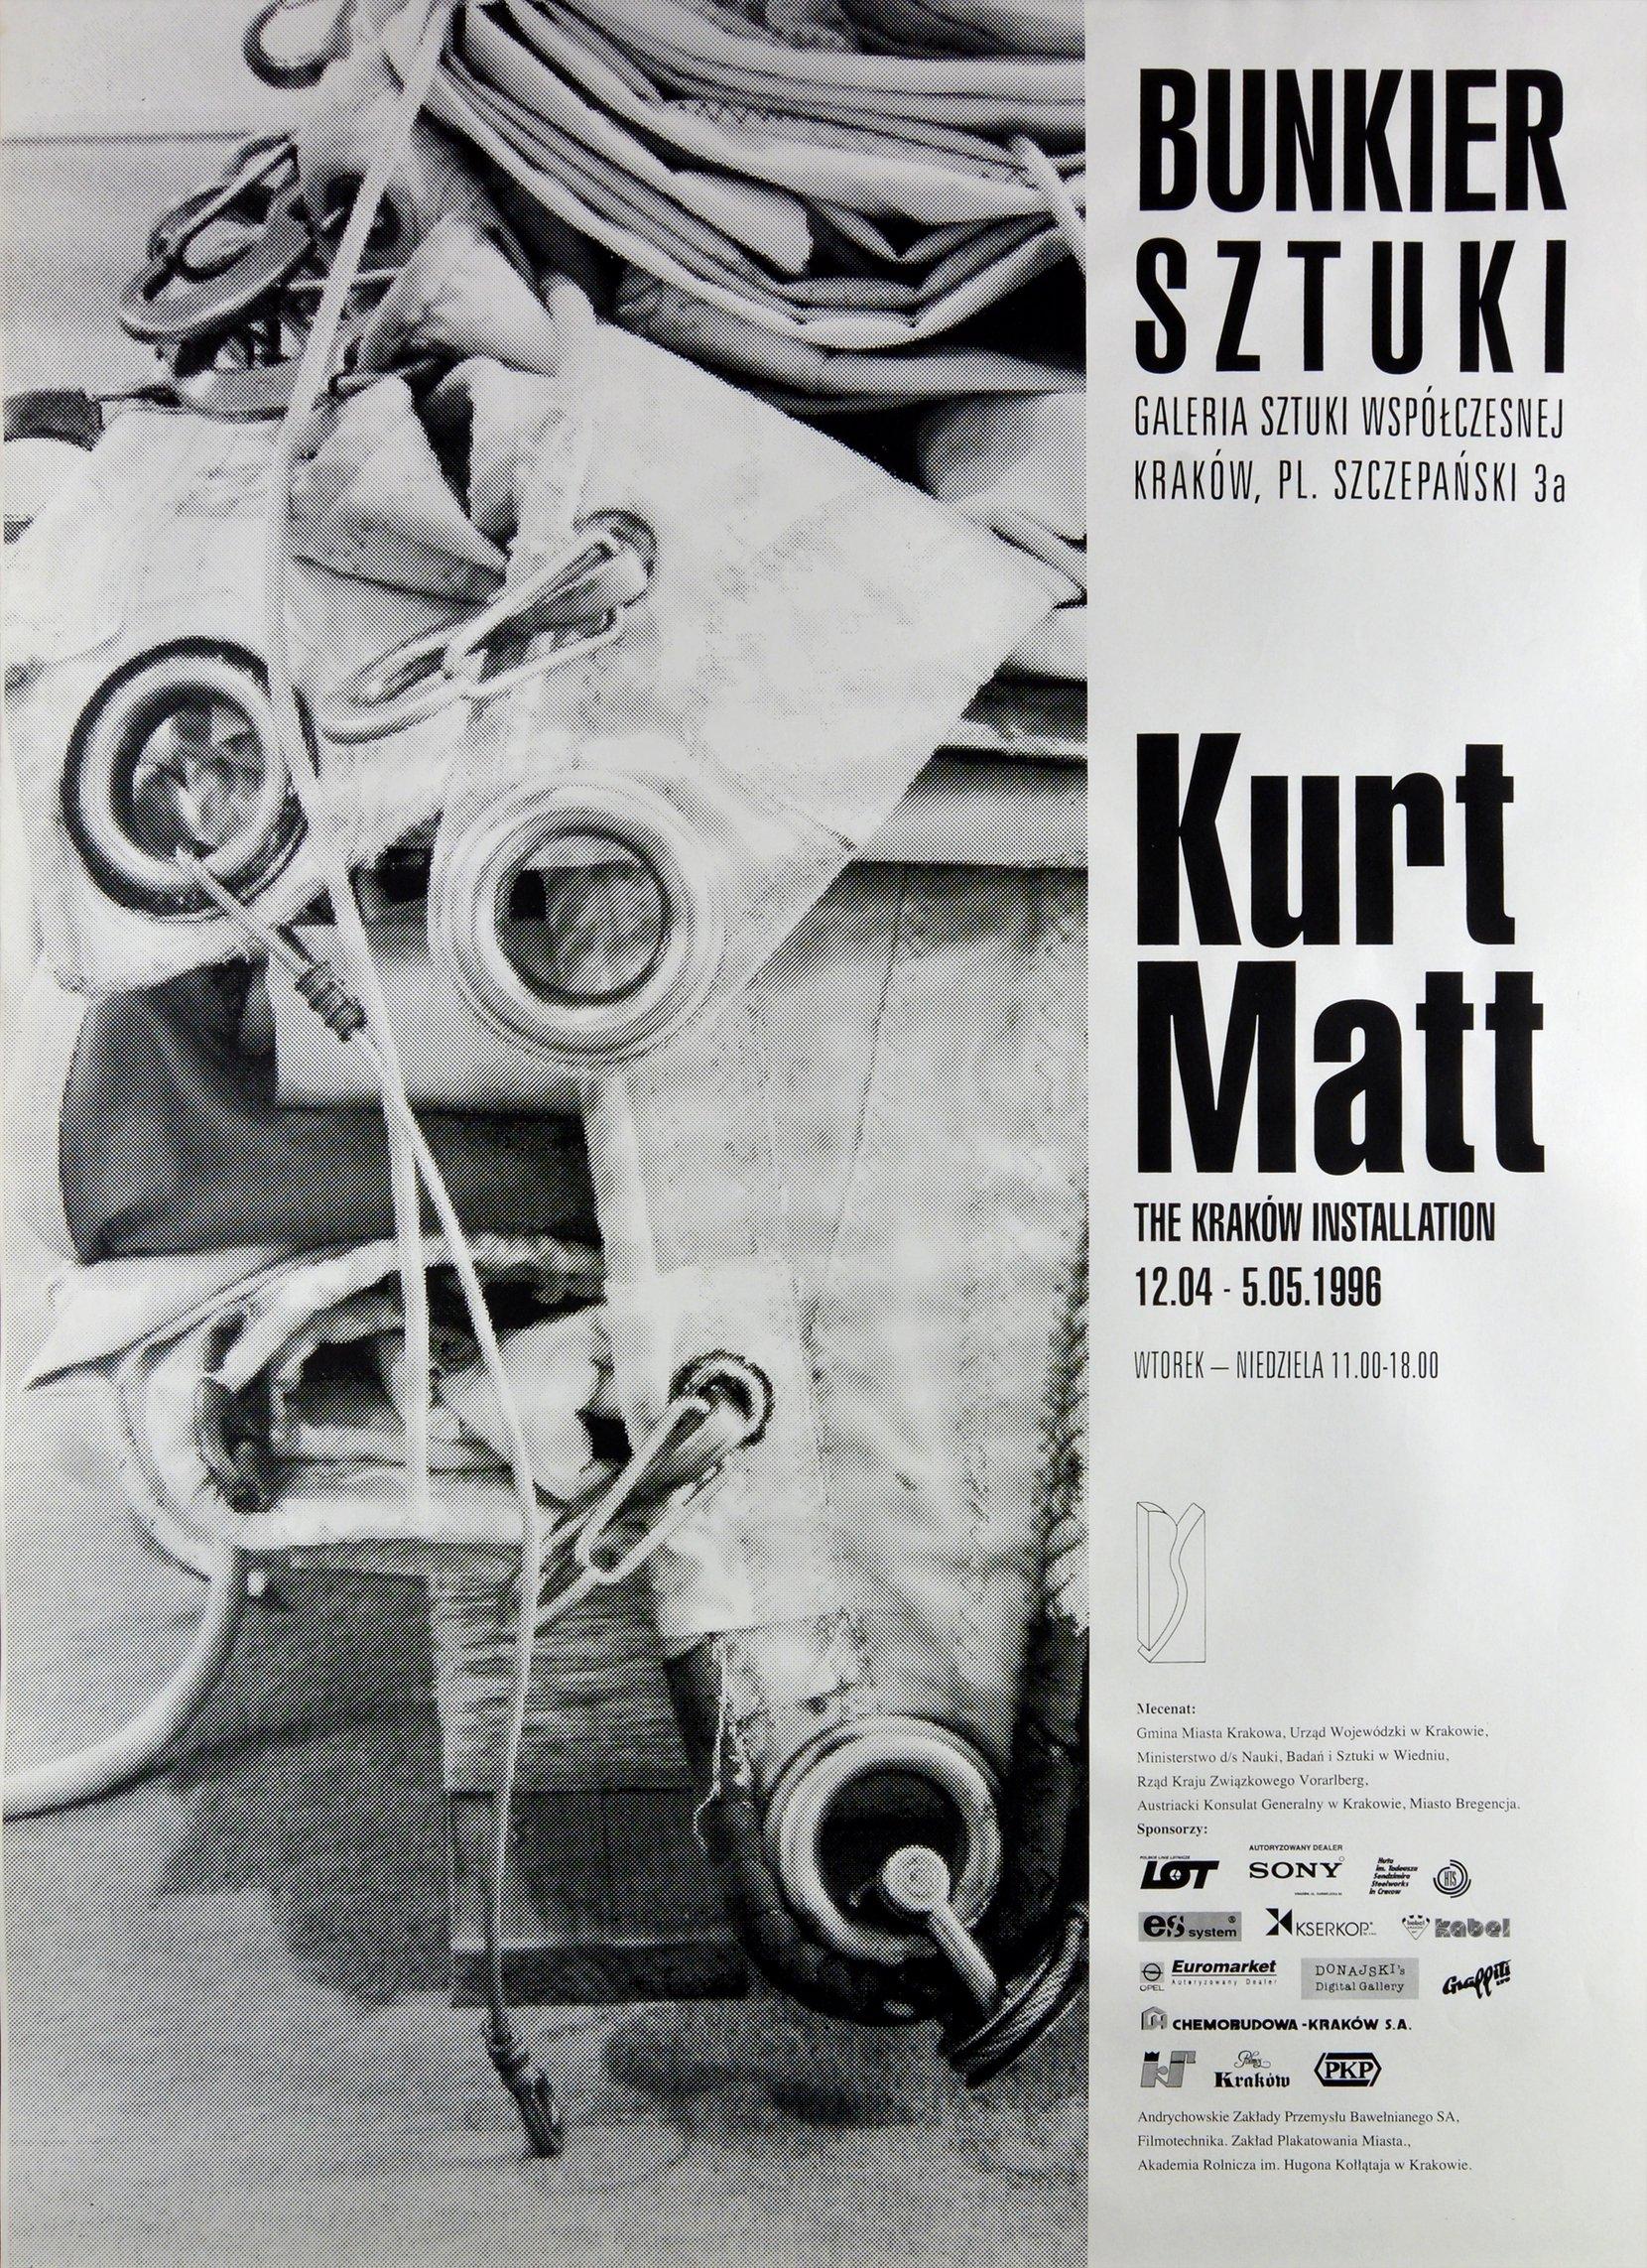 kurt matt, 1996 posters art posters MODULUS.agency